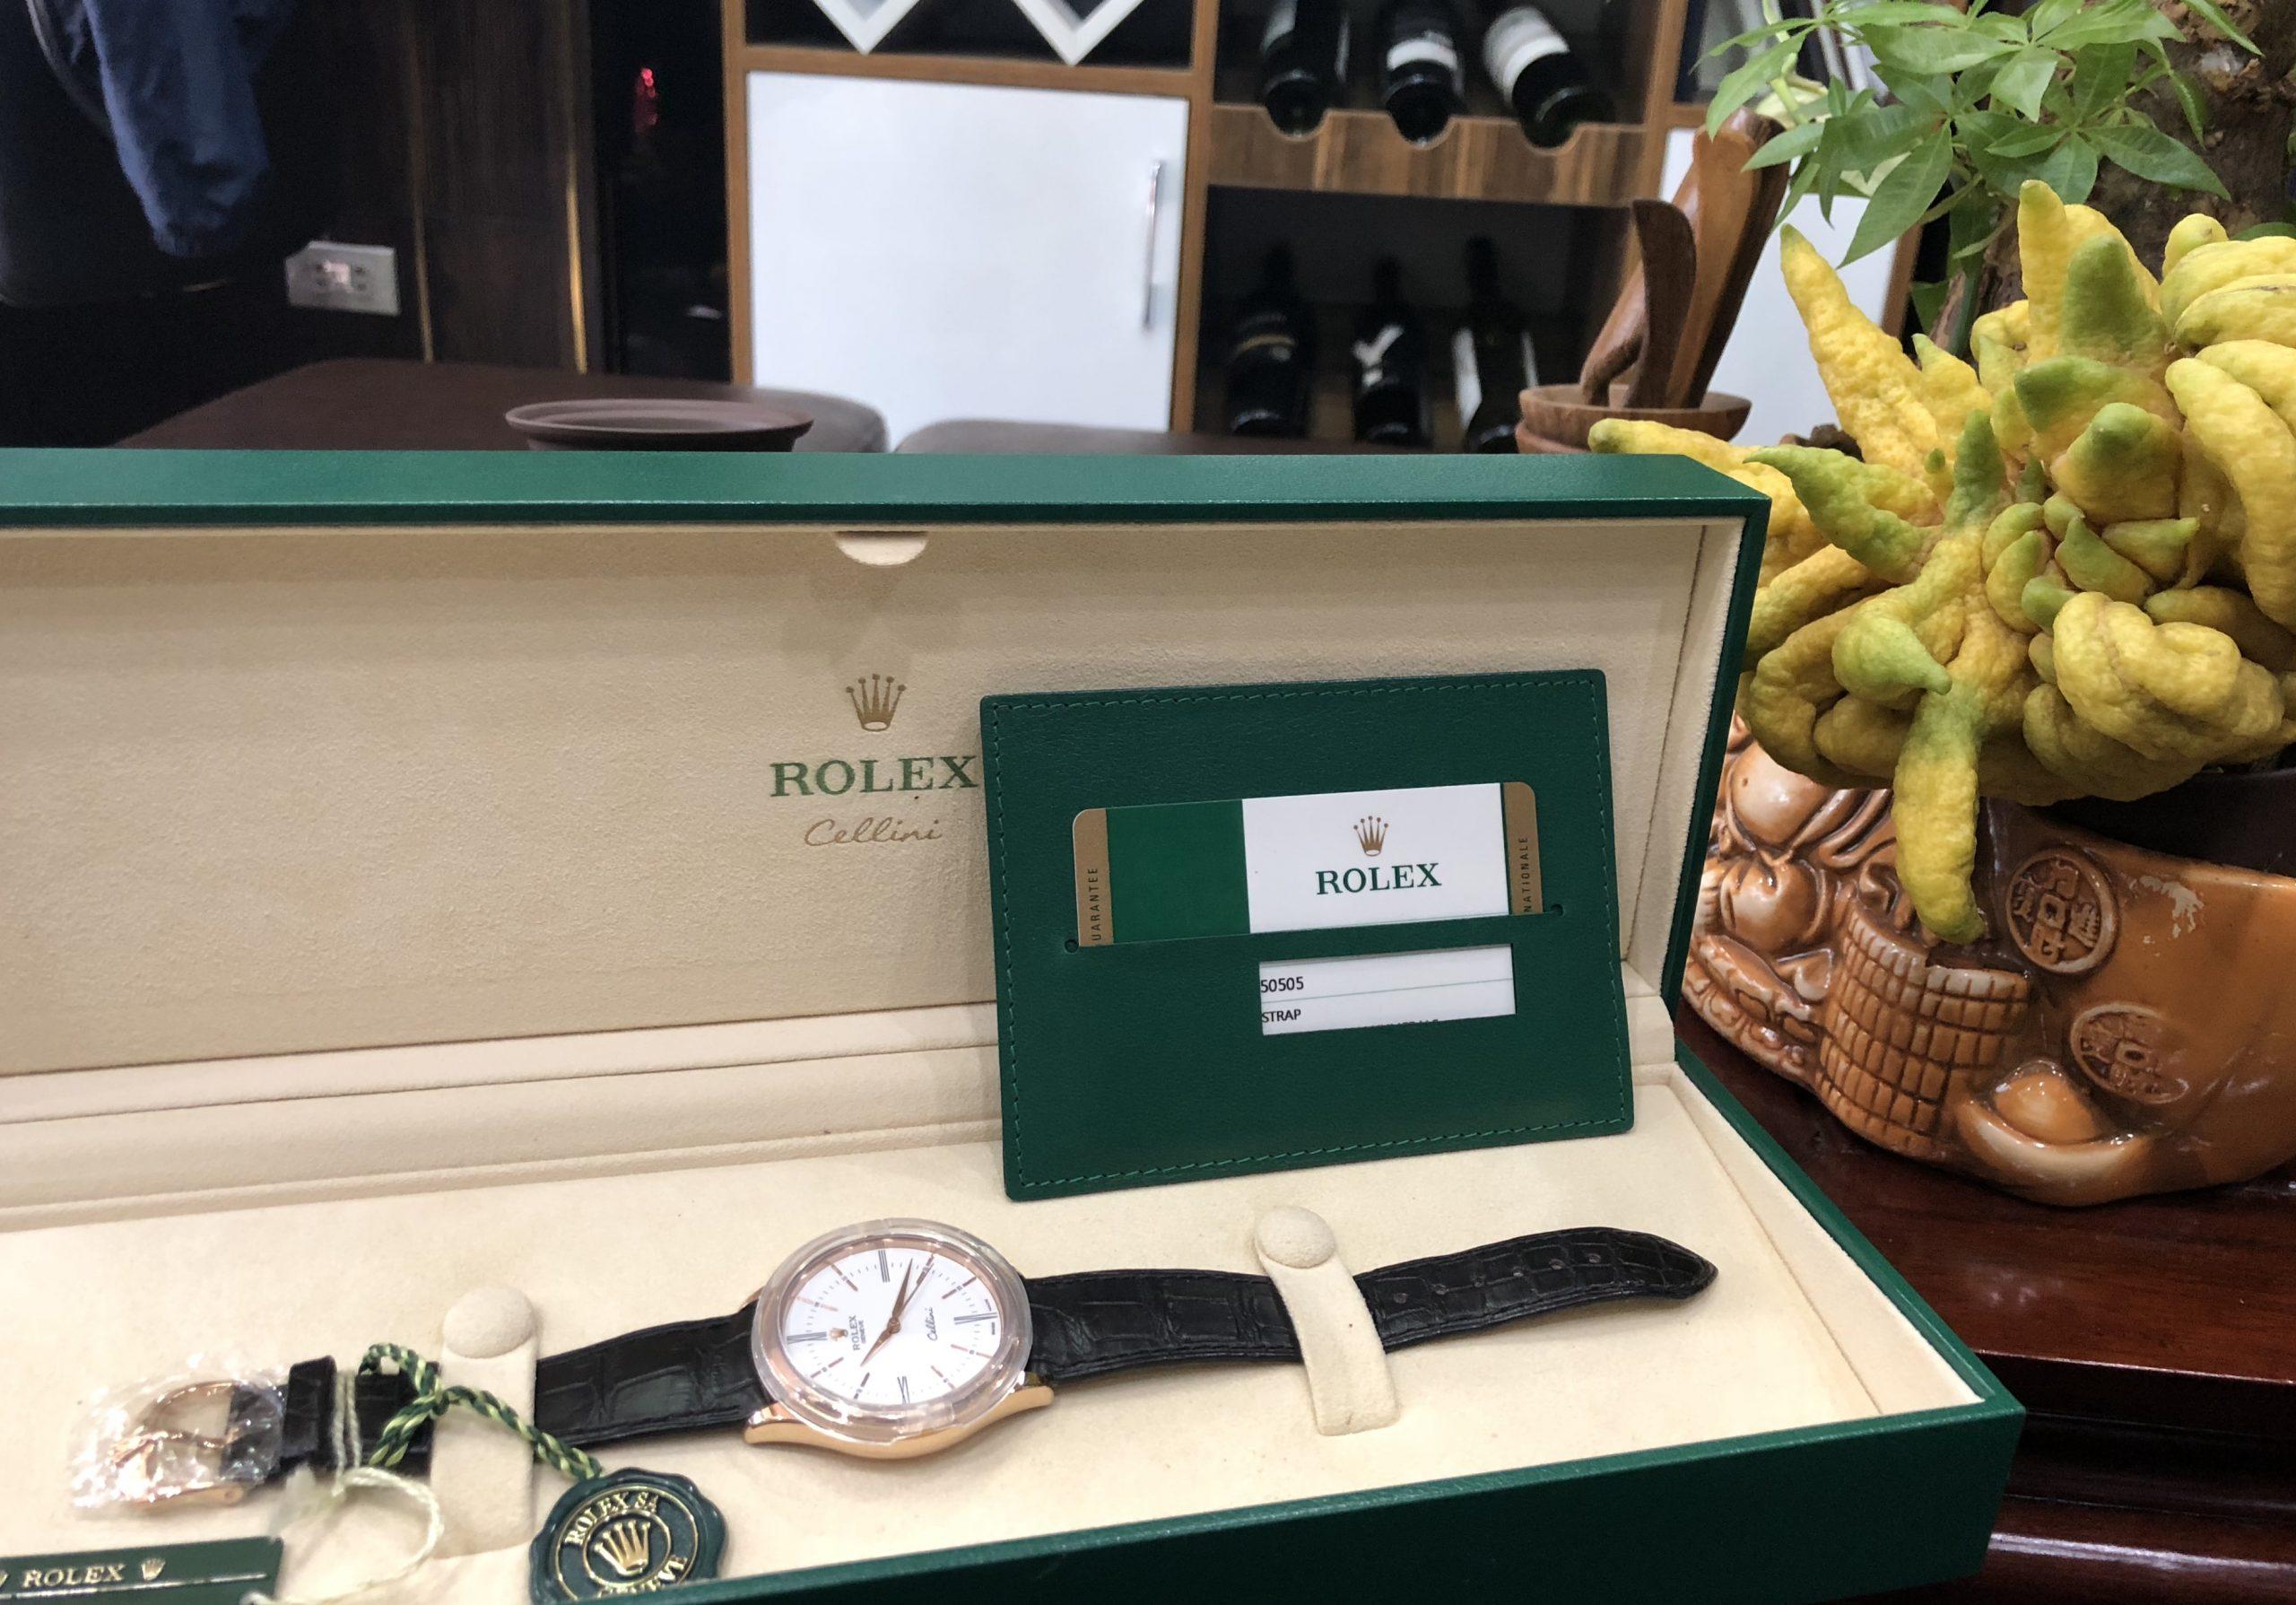 Rolex Cellini 50505 vàng hồng đời 2016 Fullbox